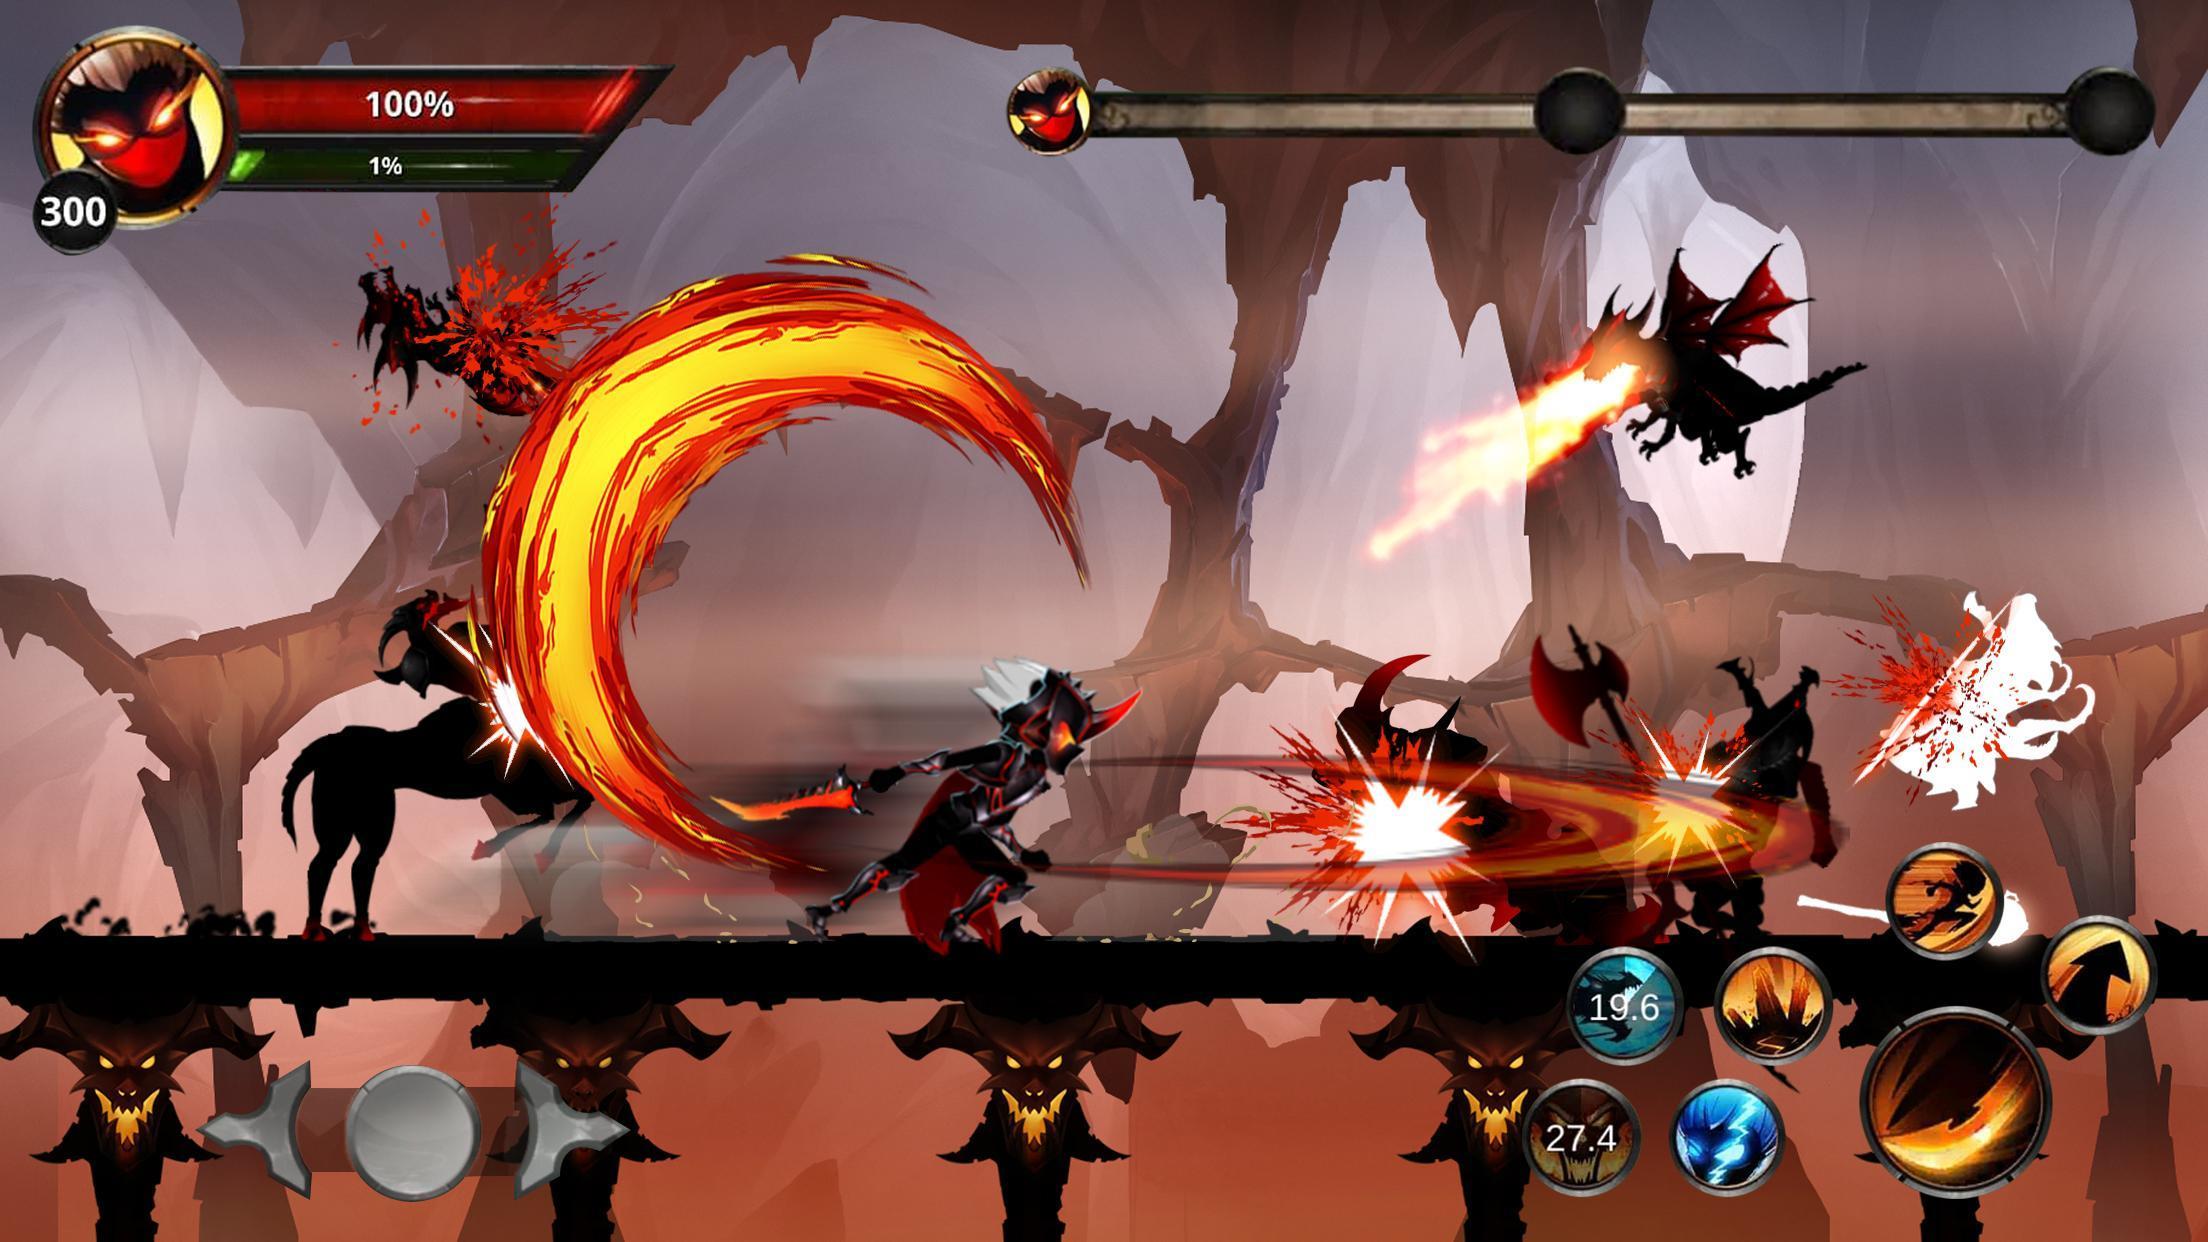 Google Play: Stickman Legends: Shadow War - Juego De Lucha RPG (con mas de 10M de descargas y puntuación de 4.3)